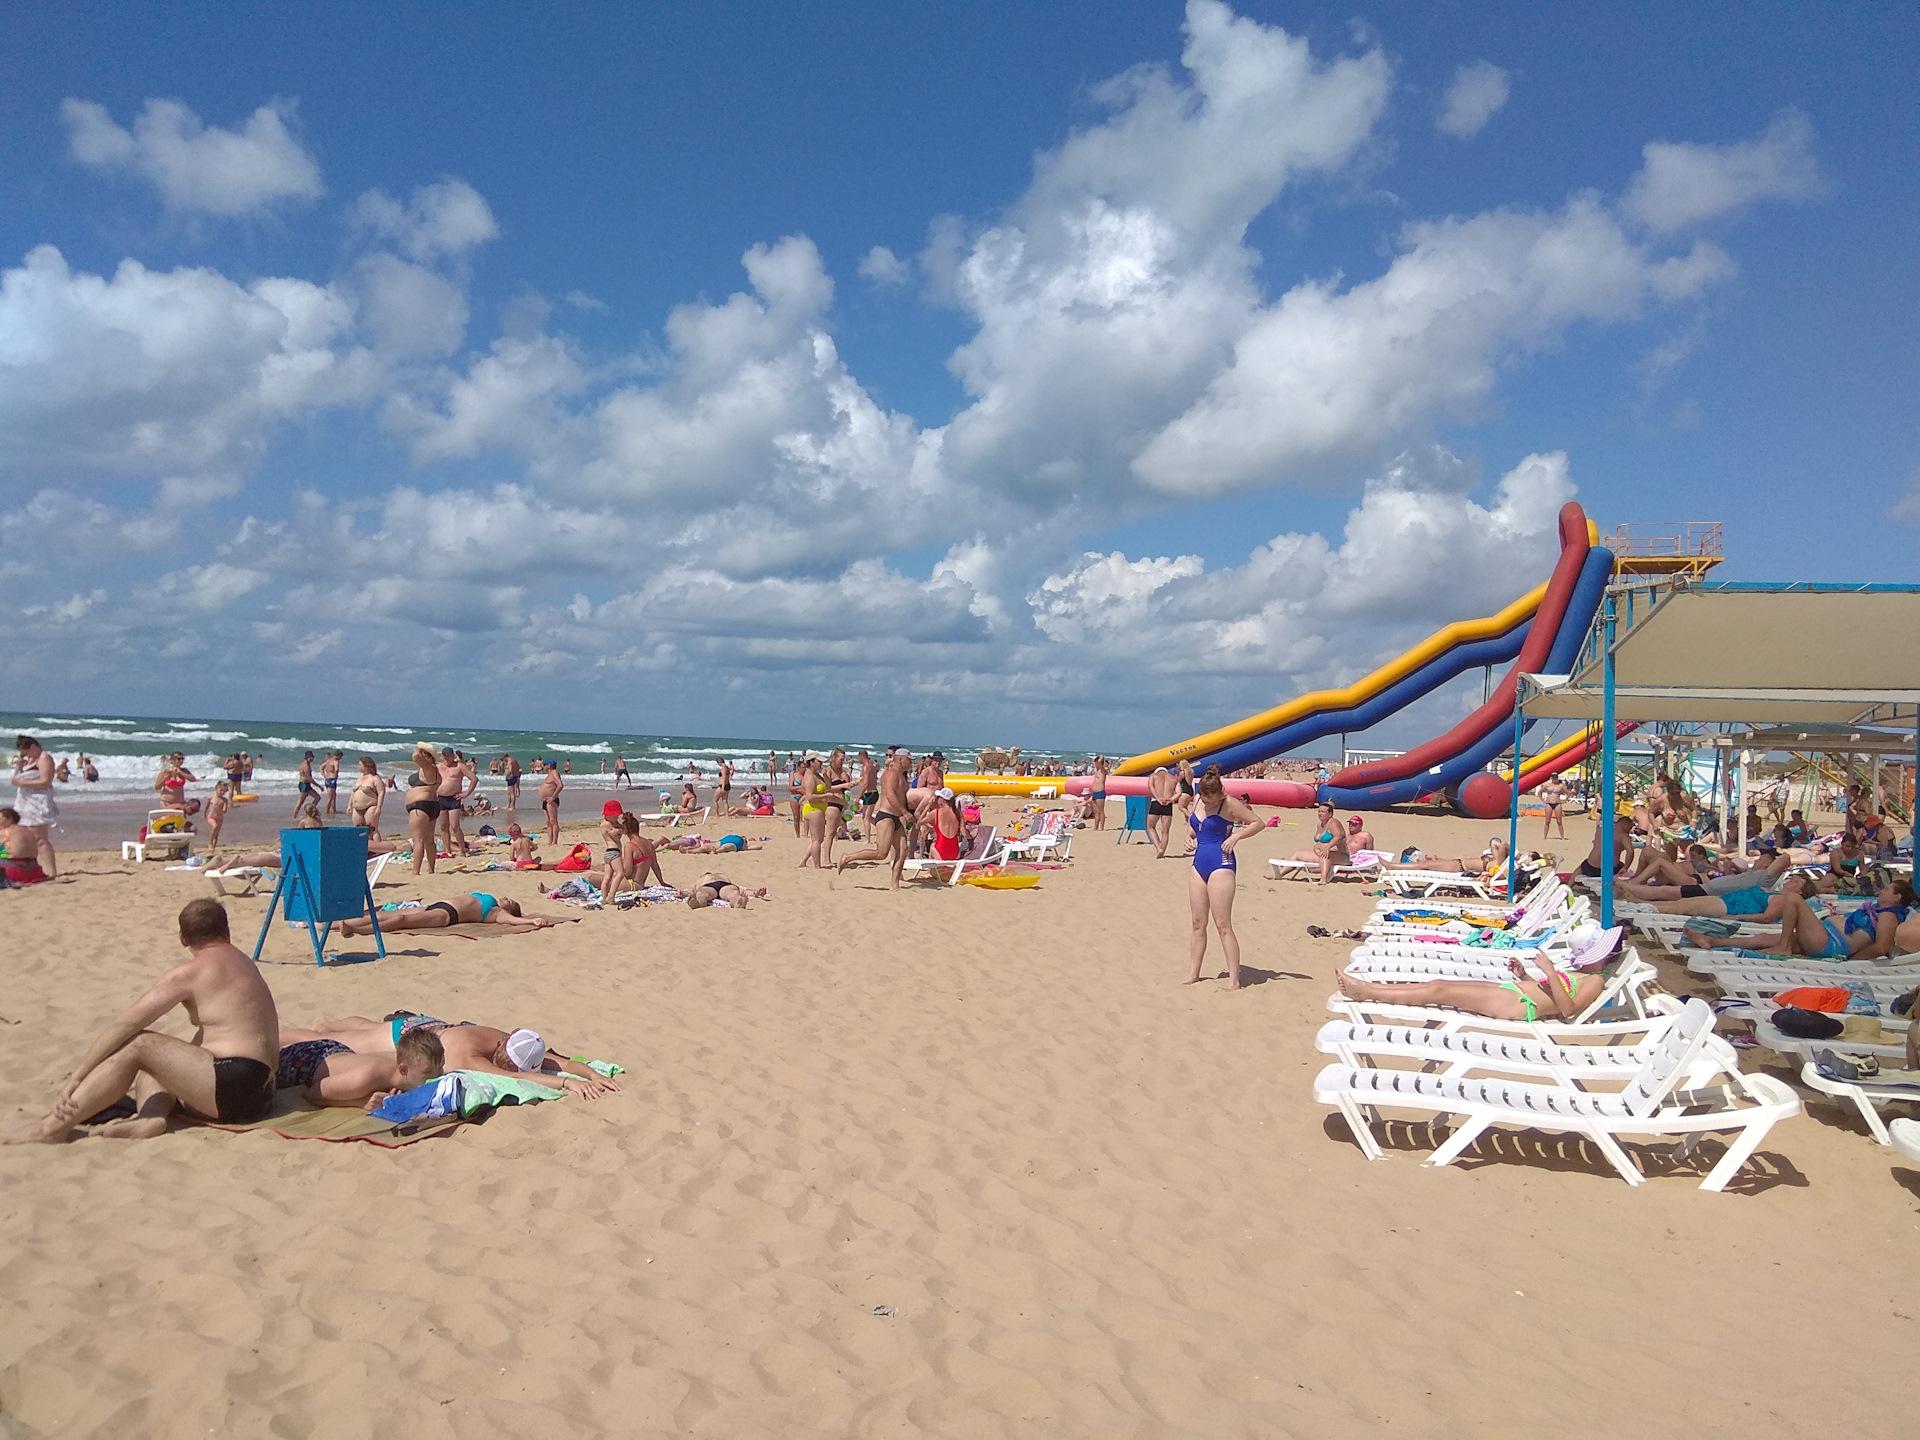 говоря, ожидал, анапа витязево центральный пляж фото строилась принципу